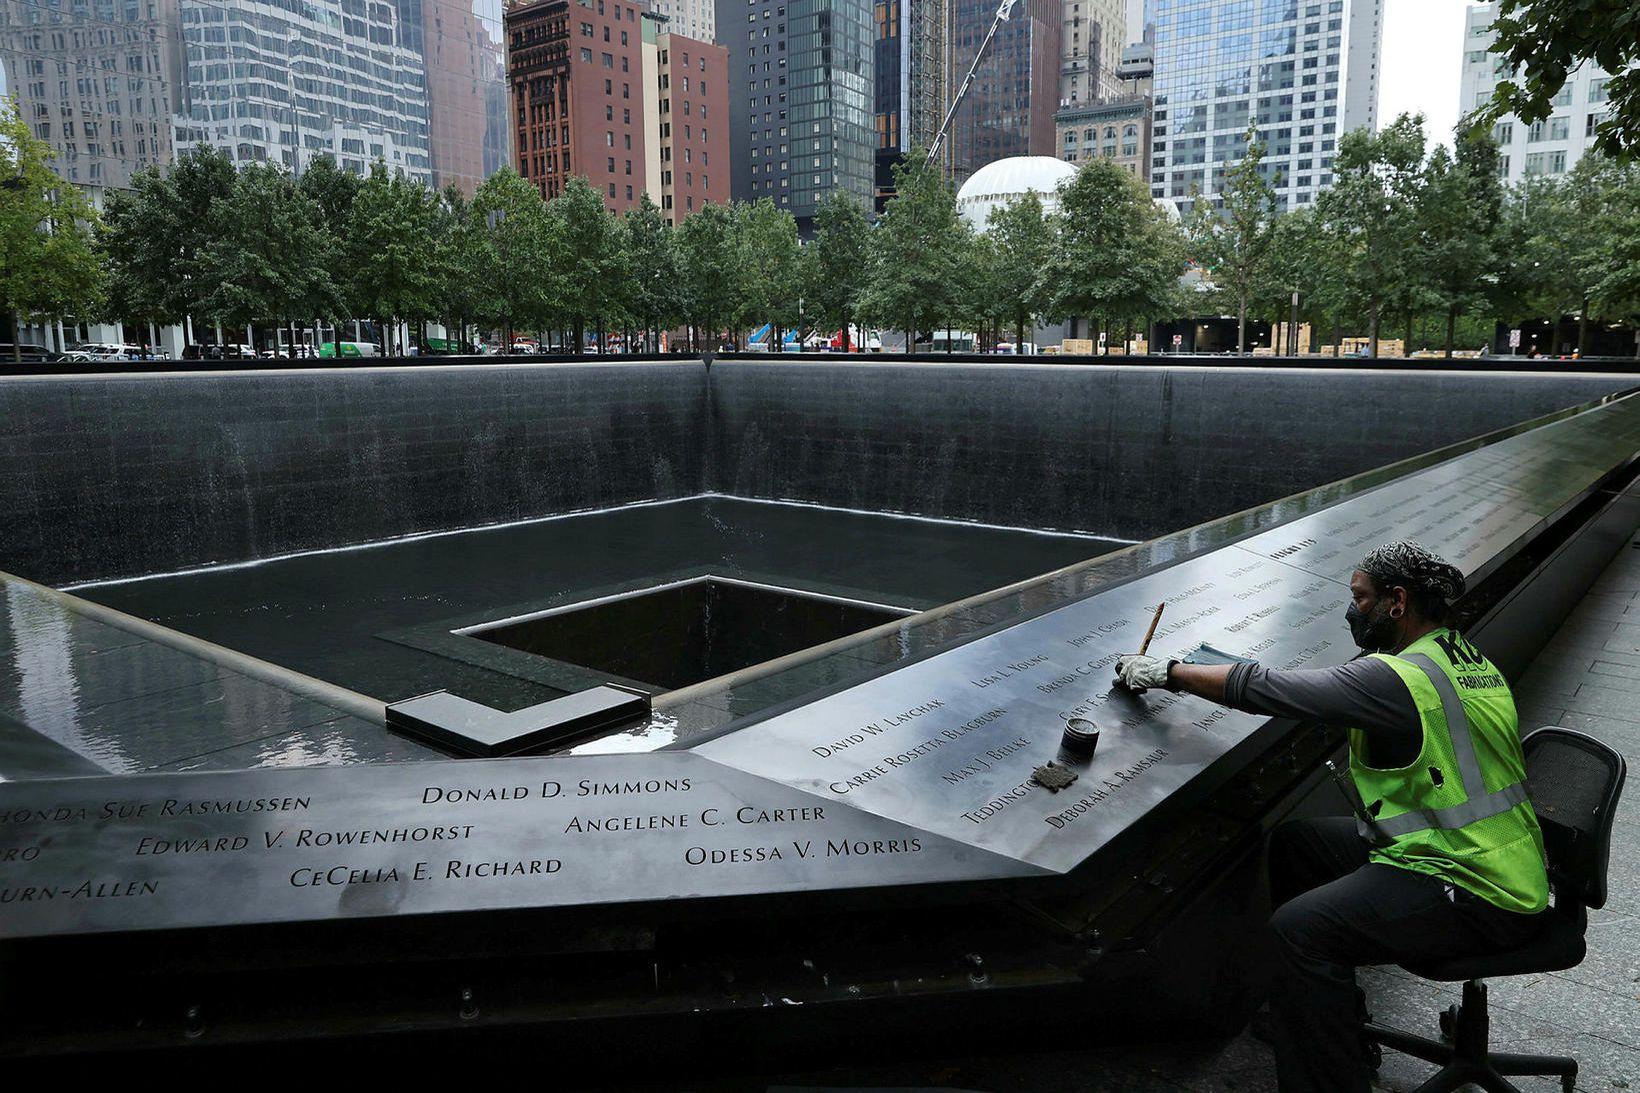 Minningu þeirra sem létust í árásunum 11. september árið 2001 …